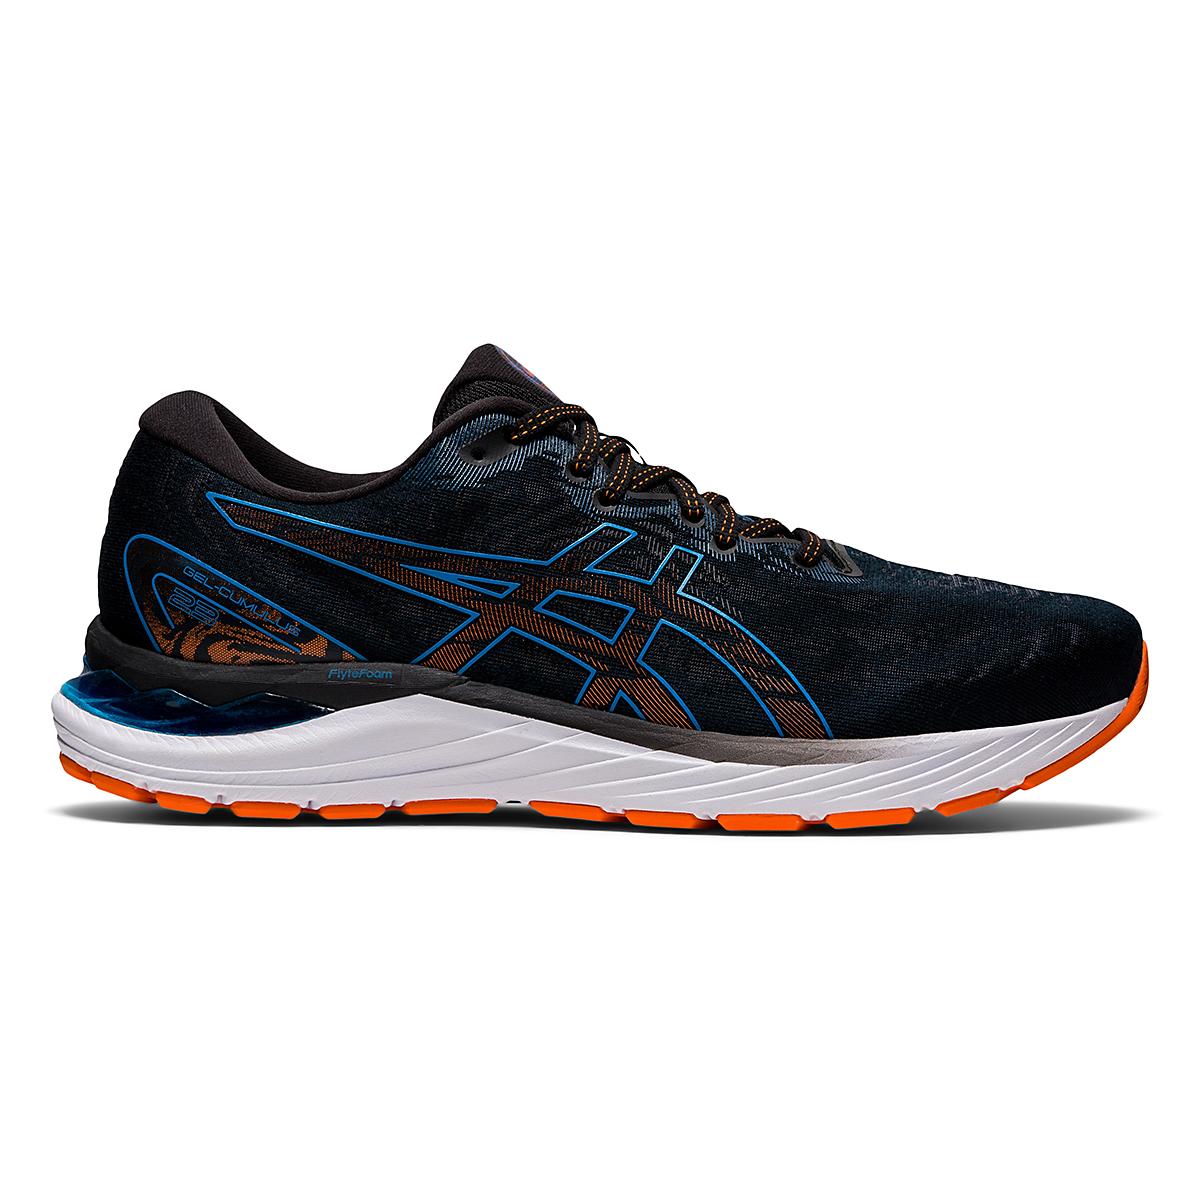 Men's Asics Gel-Cumulus 23 Running Shoe - Color: Black/Reborn Blue - Size: 6.5 - Width: Regular, Black/Reborn Blue, large, image 1